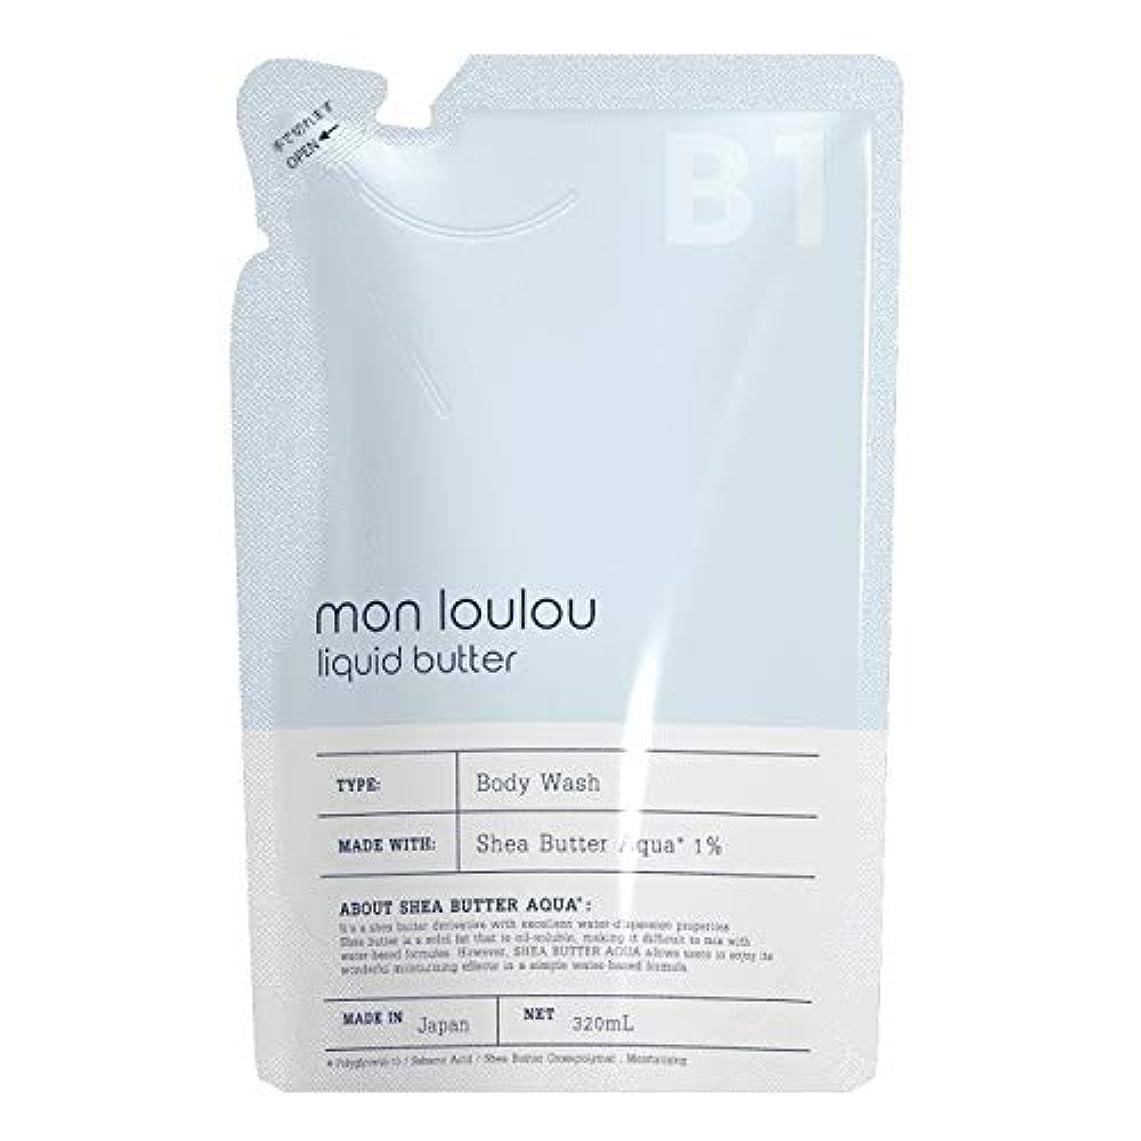 見つける雨小包モンルル1% ボディウォッシュ 詰替 320mL